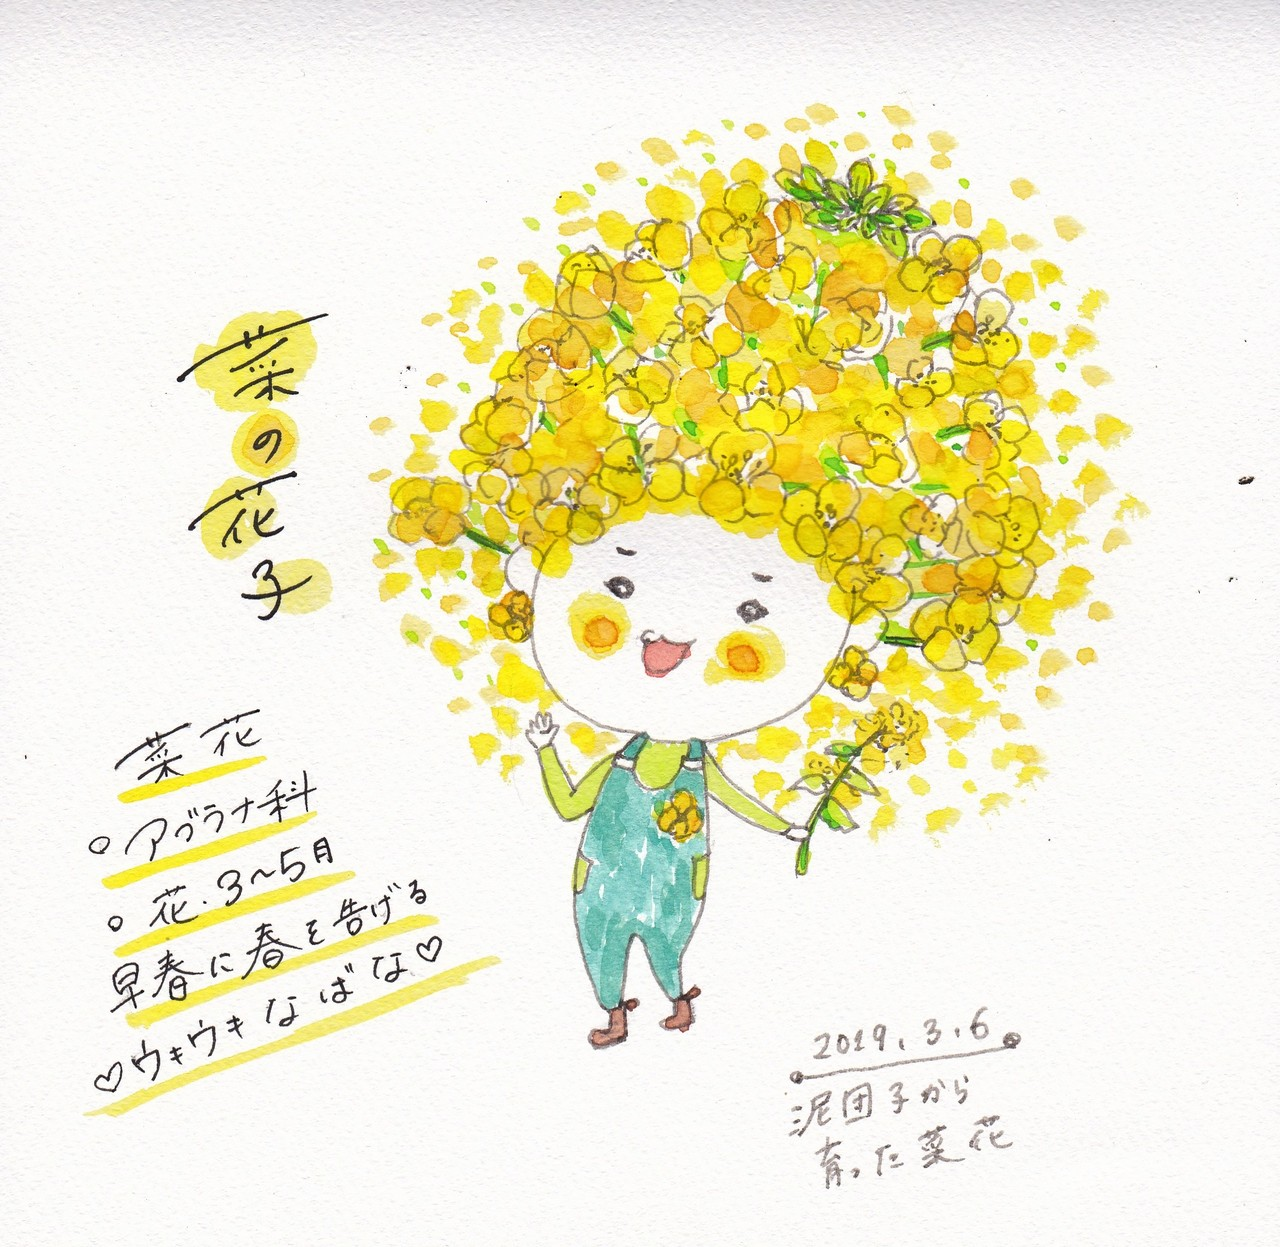 春の訪れを可愛い黄色でお知らせしてくれる菜の花子さん。福岡正信さんの泥団子をパーマカルチャー教室で作り、家の花壇にそっと放置。元気に可愛く実ってます。